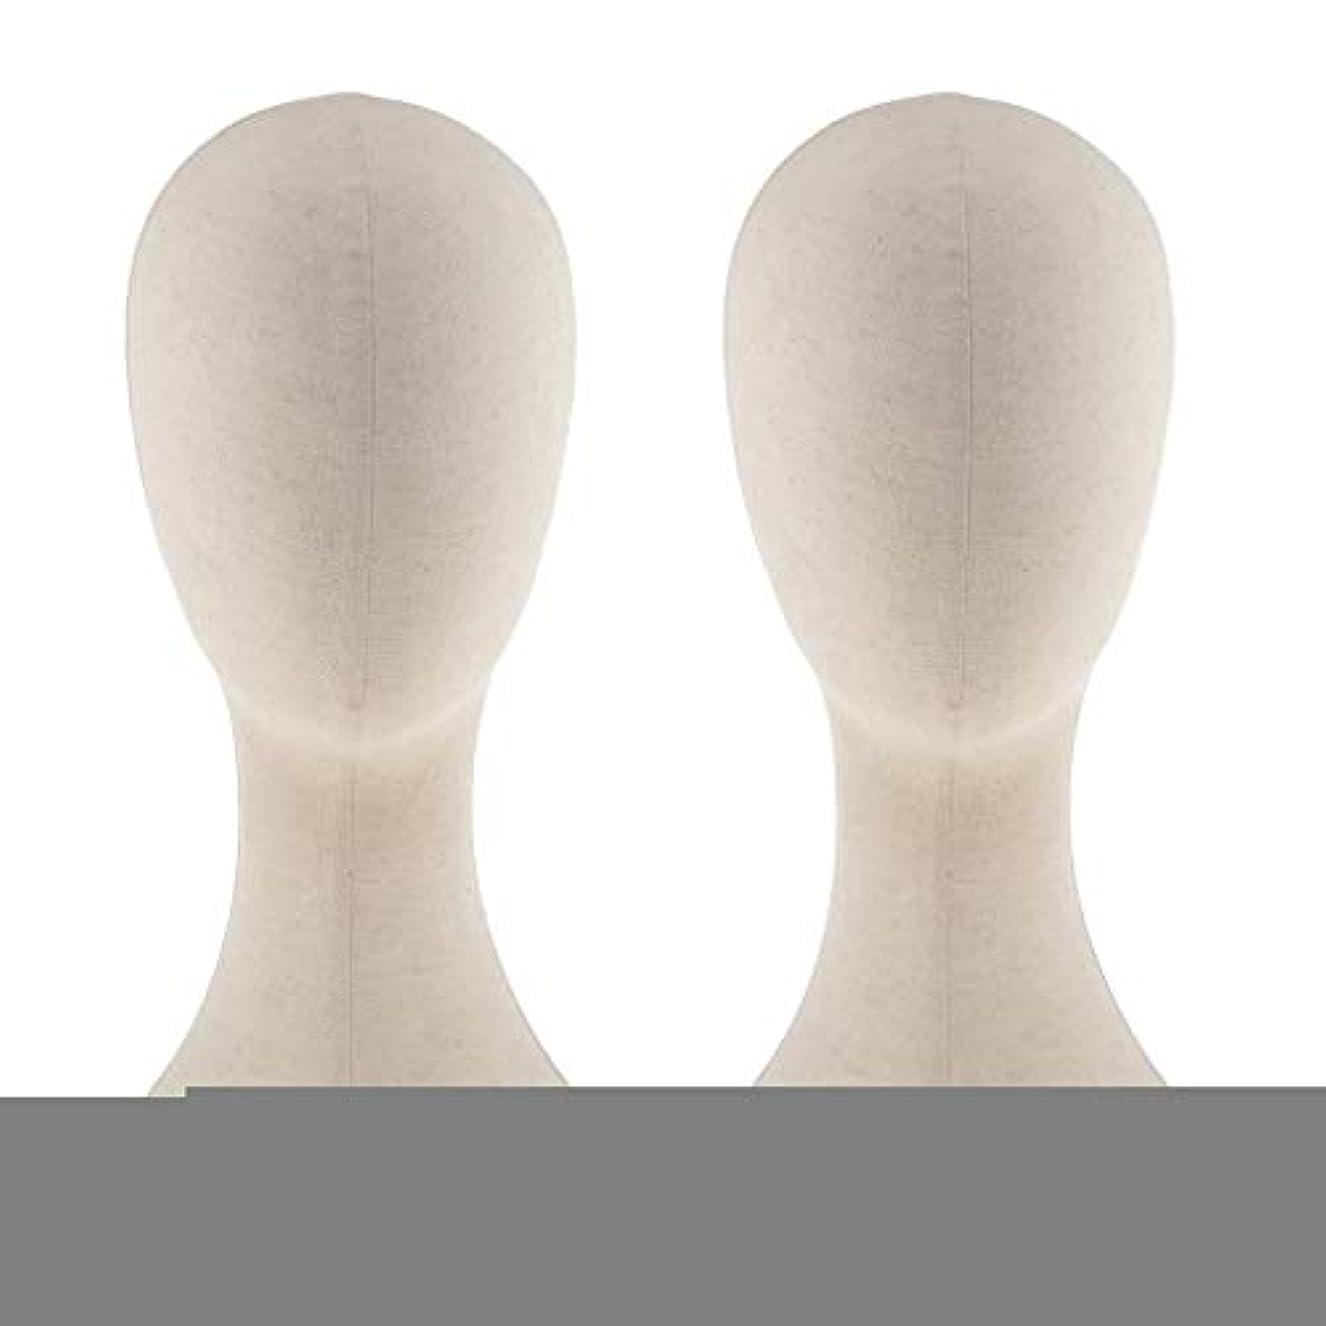 タオル結婚する宮殿T TOOYFUL キャンバス マネキン ヘッド トルソー 頭 カット練習 頭部 女性 ウィッグマネキン ウィッグスタンド2個